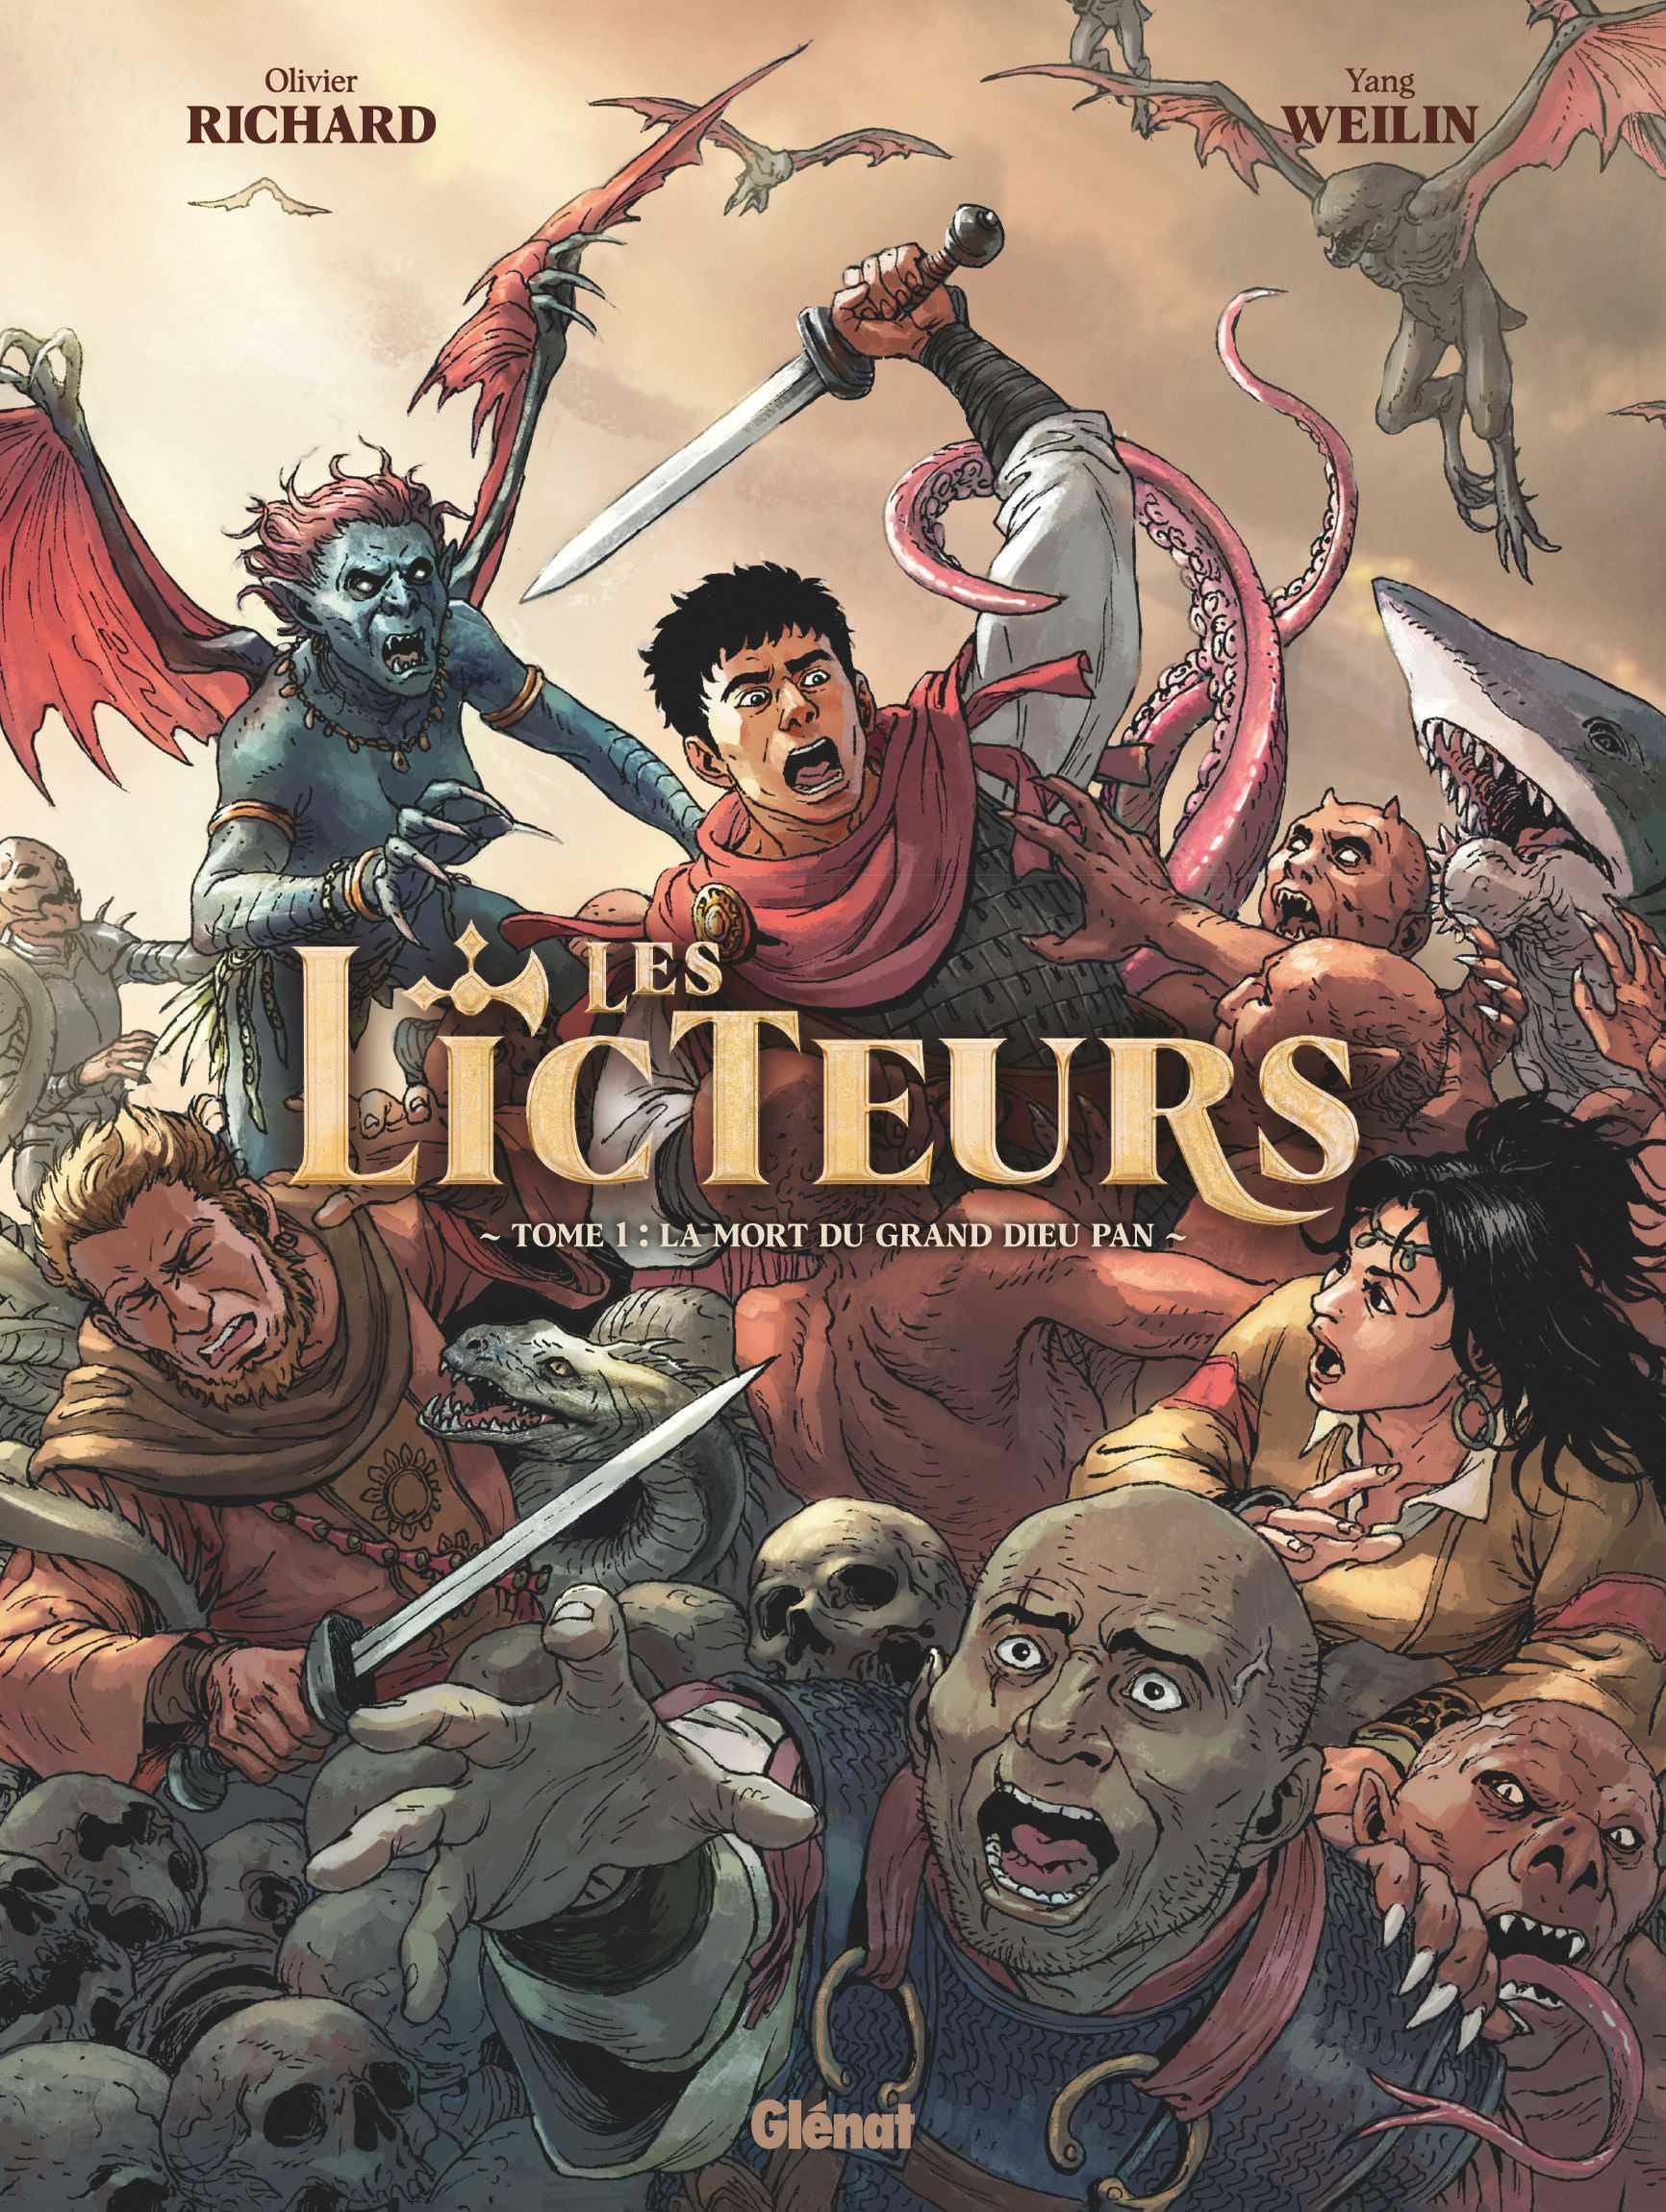 Les Licteurs, saga romaine, impériale et mythologique